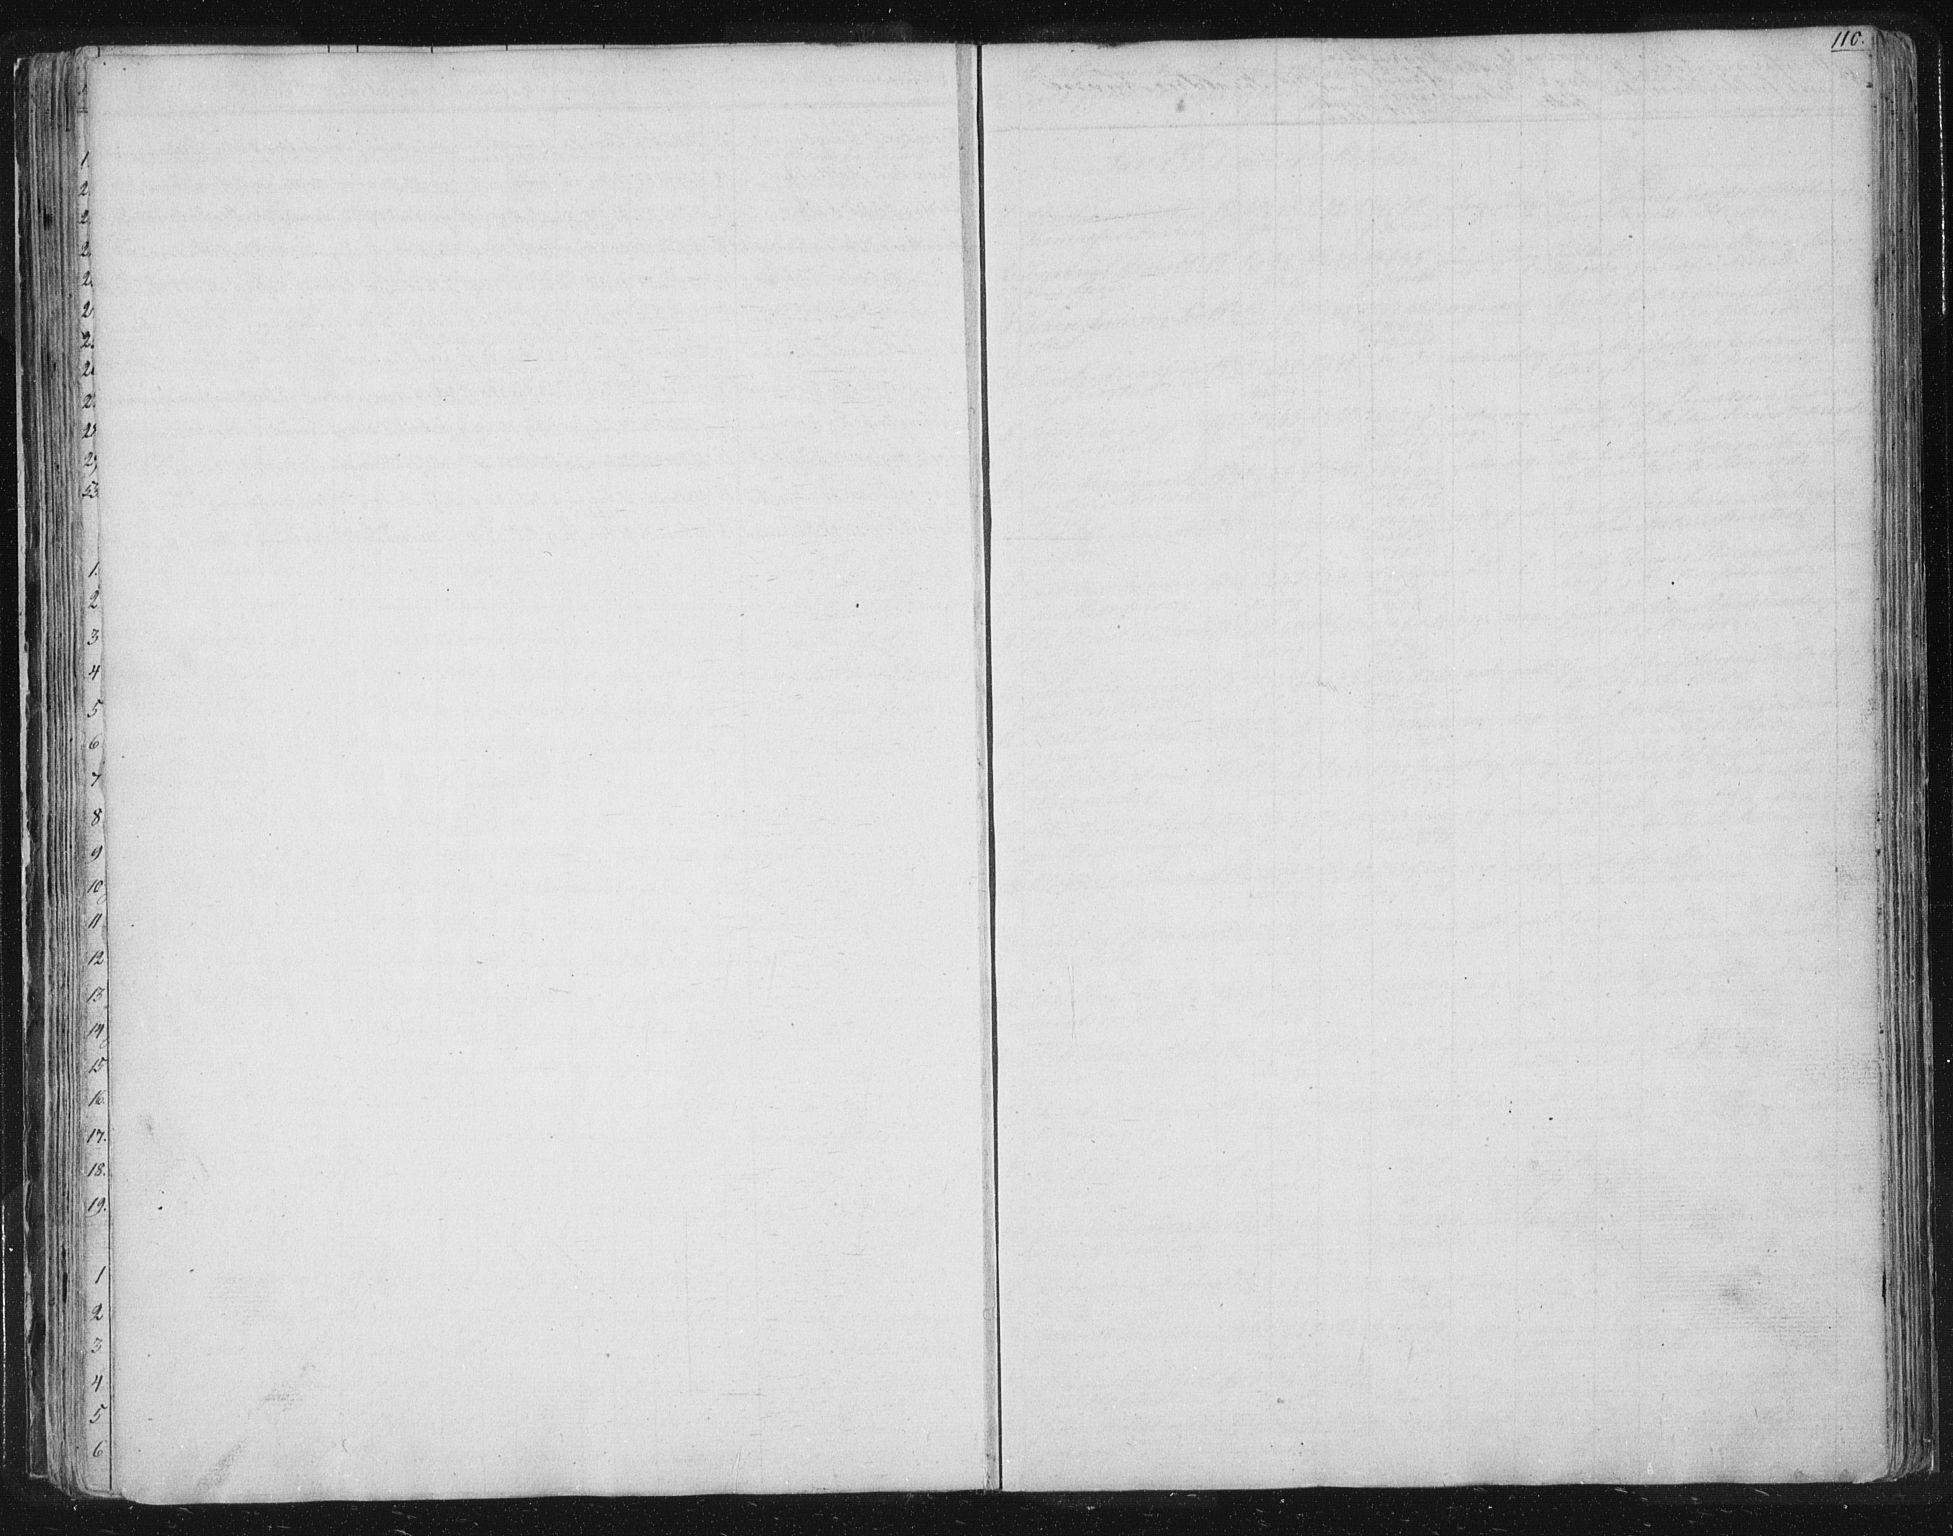 SAT, Ministerialprotokoller, klokkerbøker og fødselsregistre - Sør-Trøndelag, 616/L0406: Ministerialbok nr. 616A03, 1843-1879, s. 110